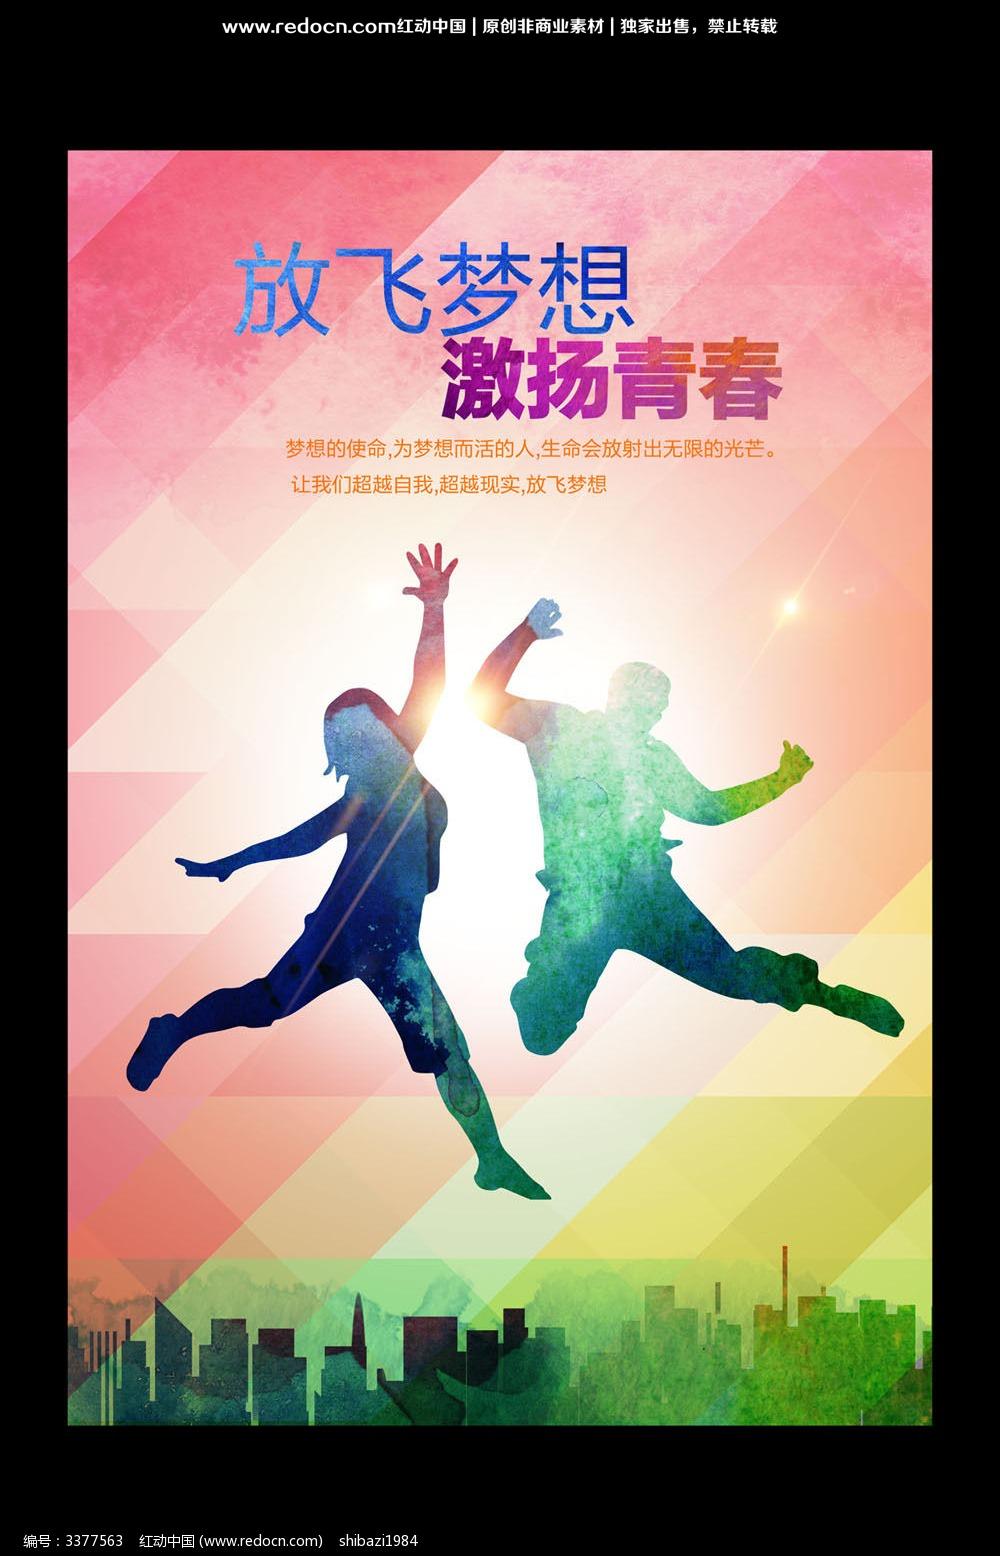 9款 激扬青春放飞梦想海报psd设计下载图片